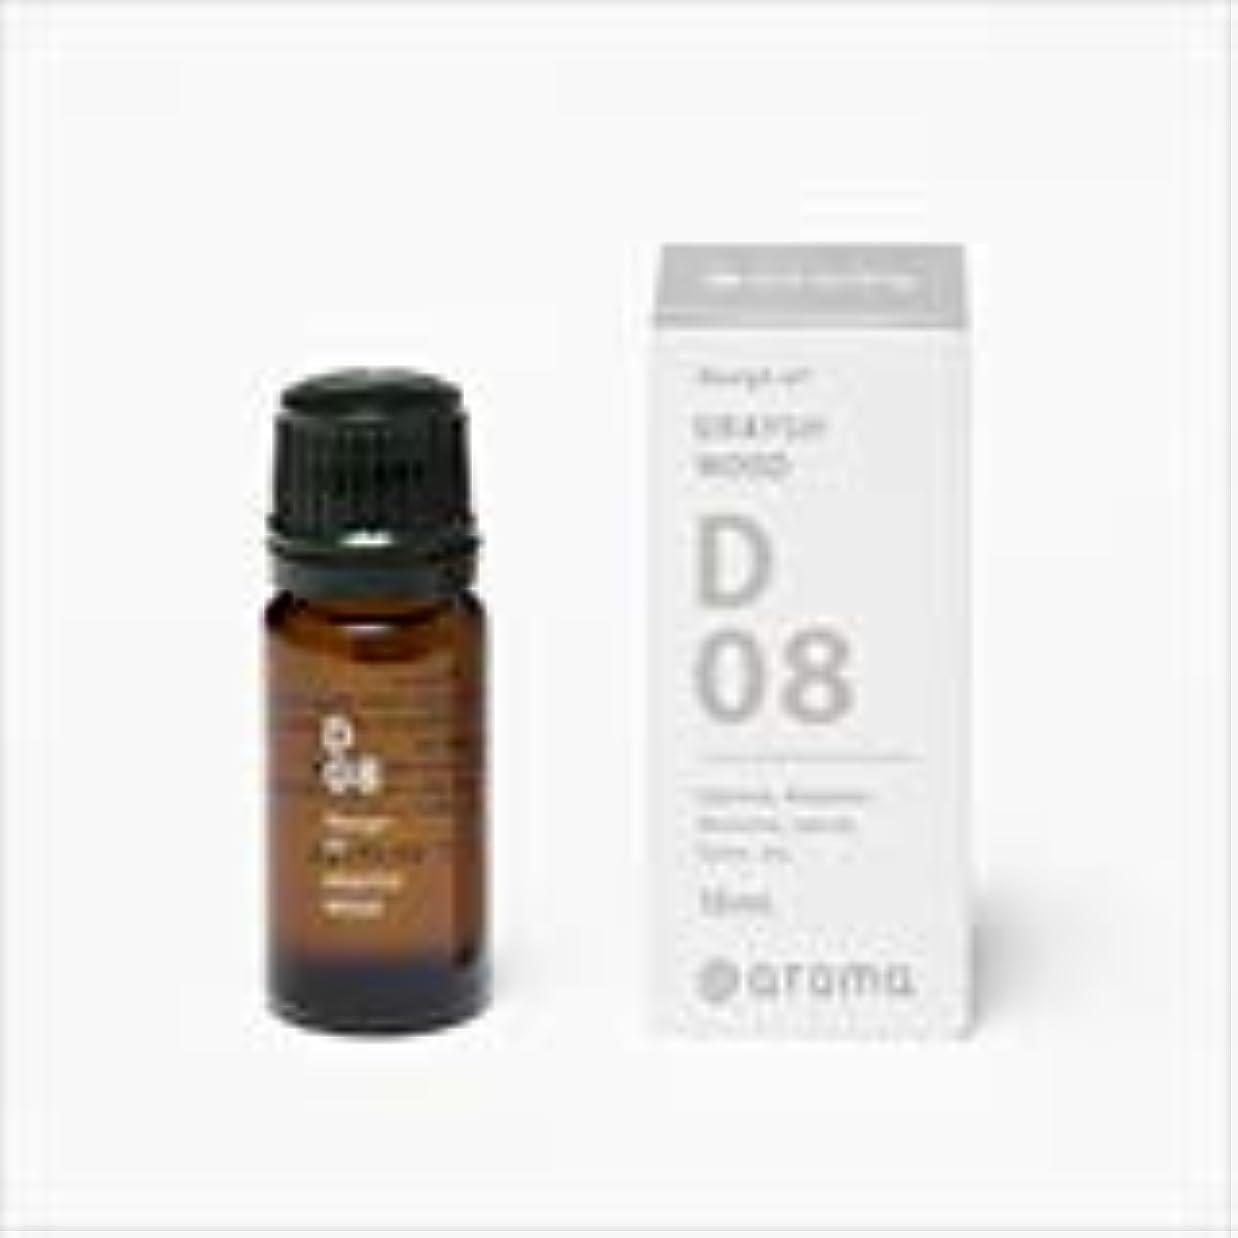 帝国主義財団ディレイアットアロマ 100%pure essential oil <Design air グレイッシュウッド>